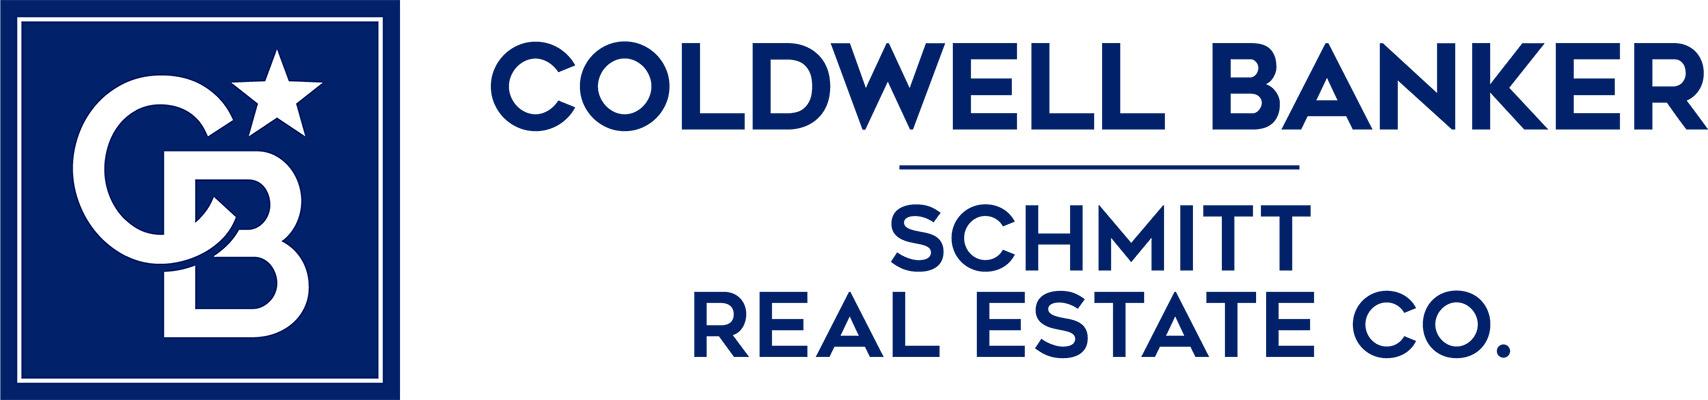 Josh Mothner - Coldwell Banker Logo